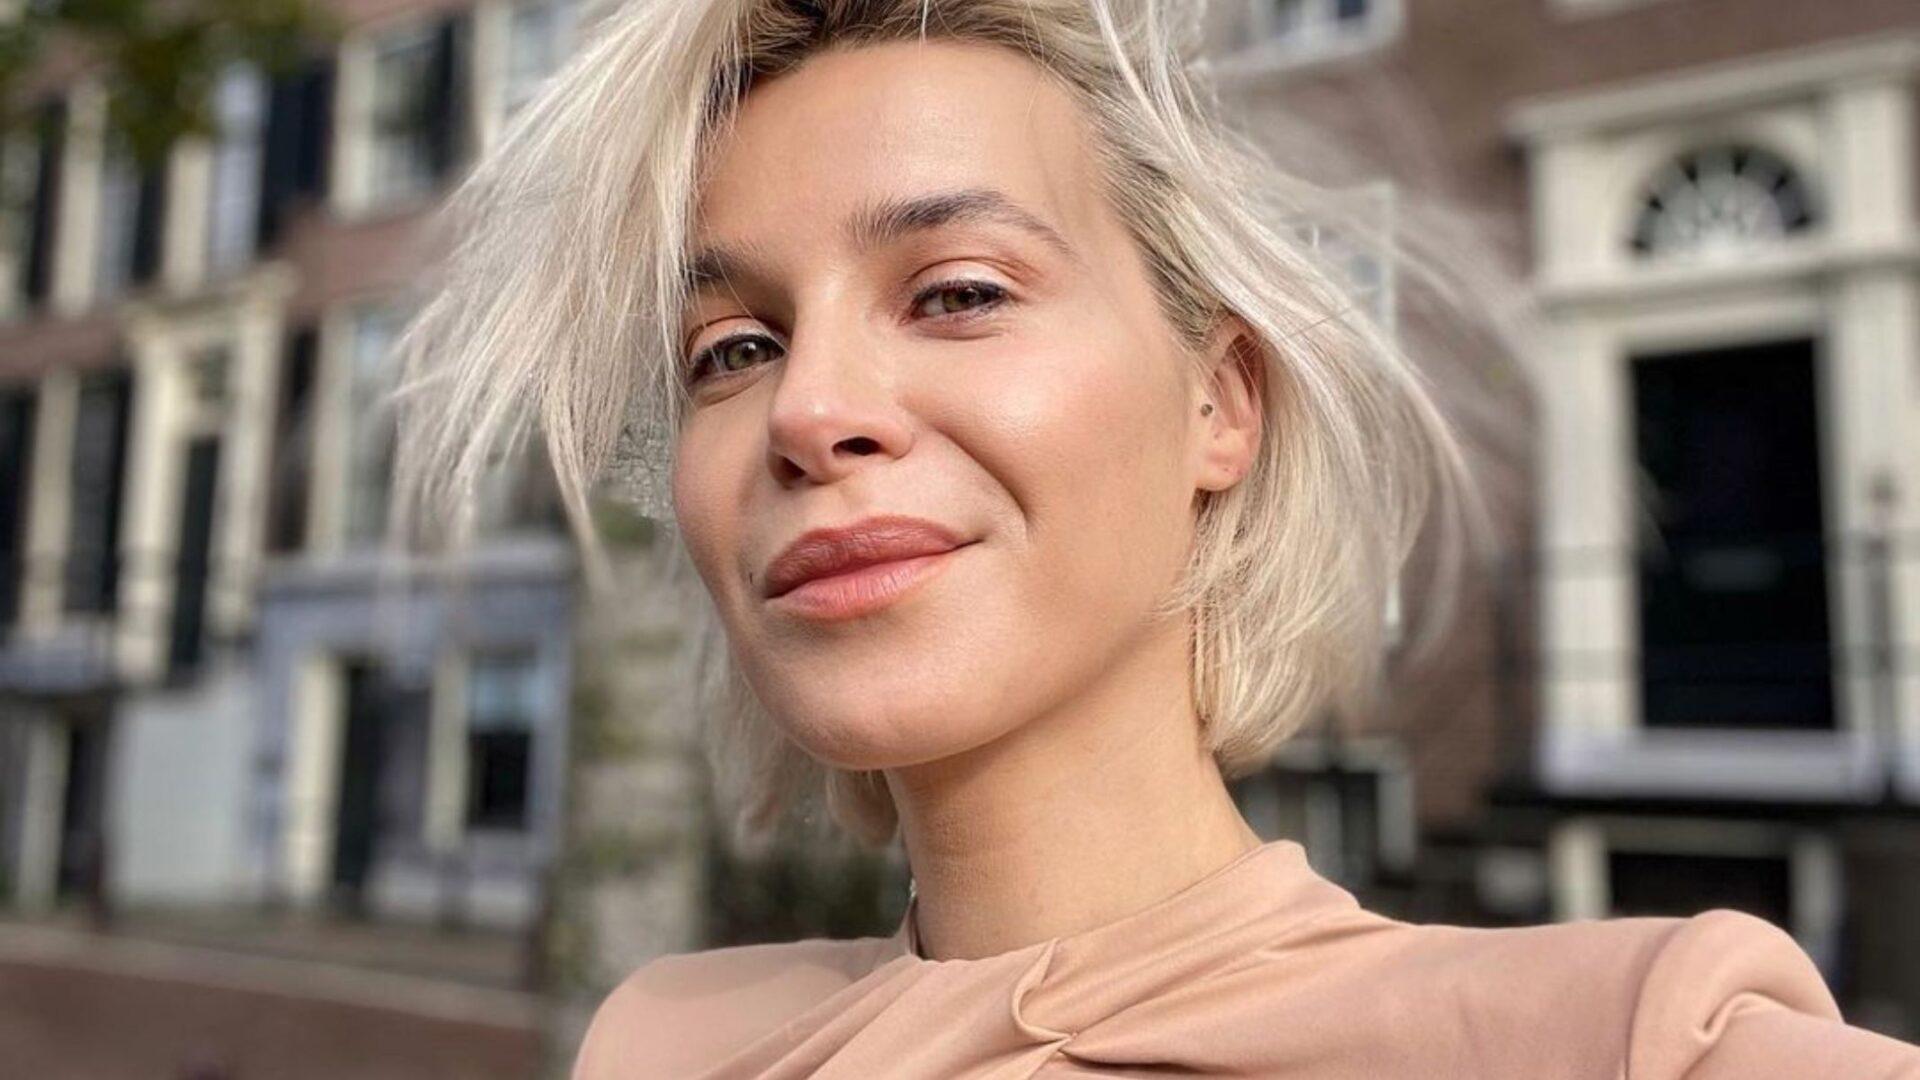 Victoria Koblenko LINDA magazine foto foto's spannend